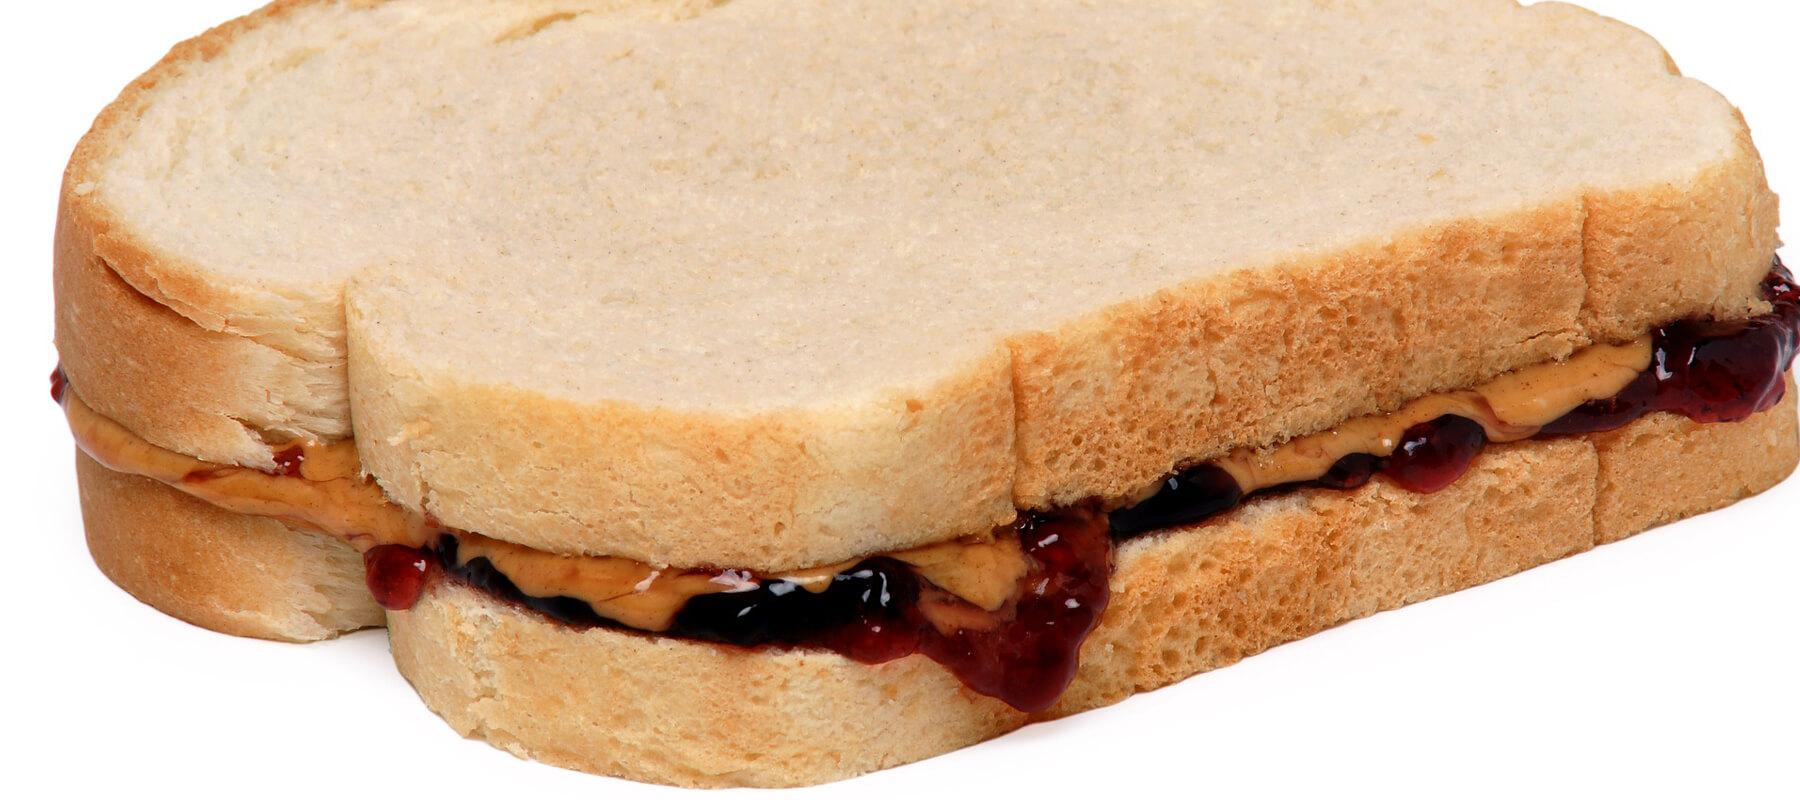 Des sandwichs un peu spéciaux.